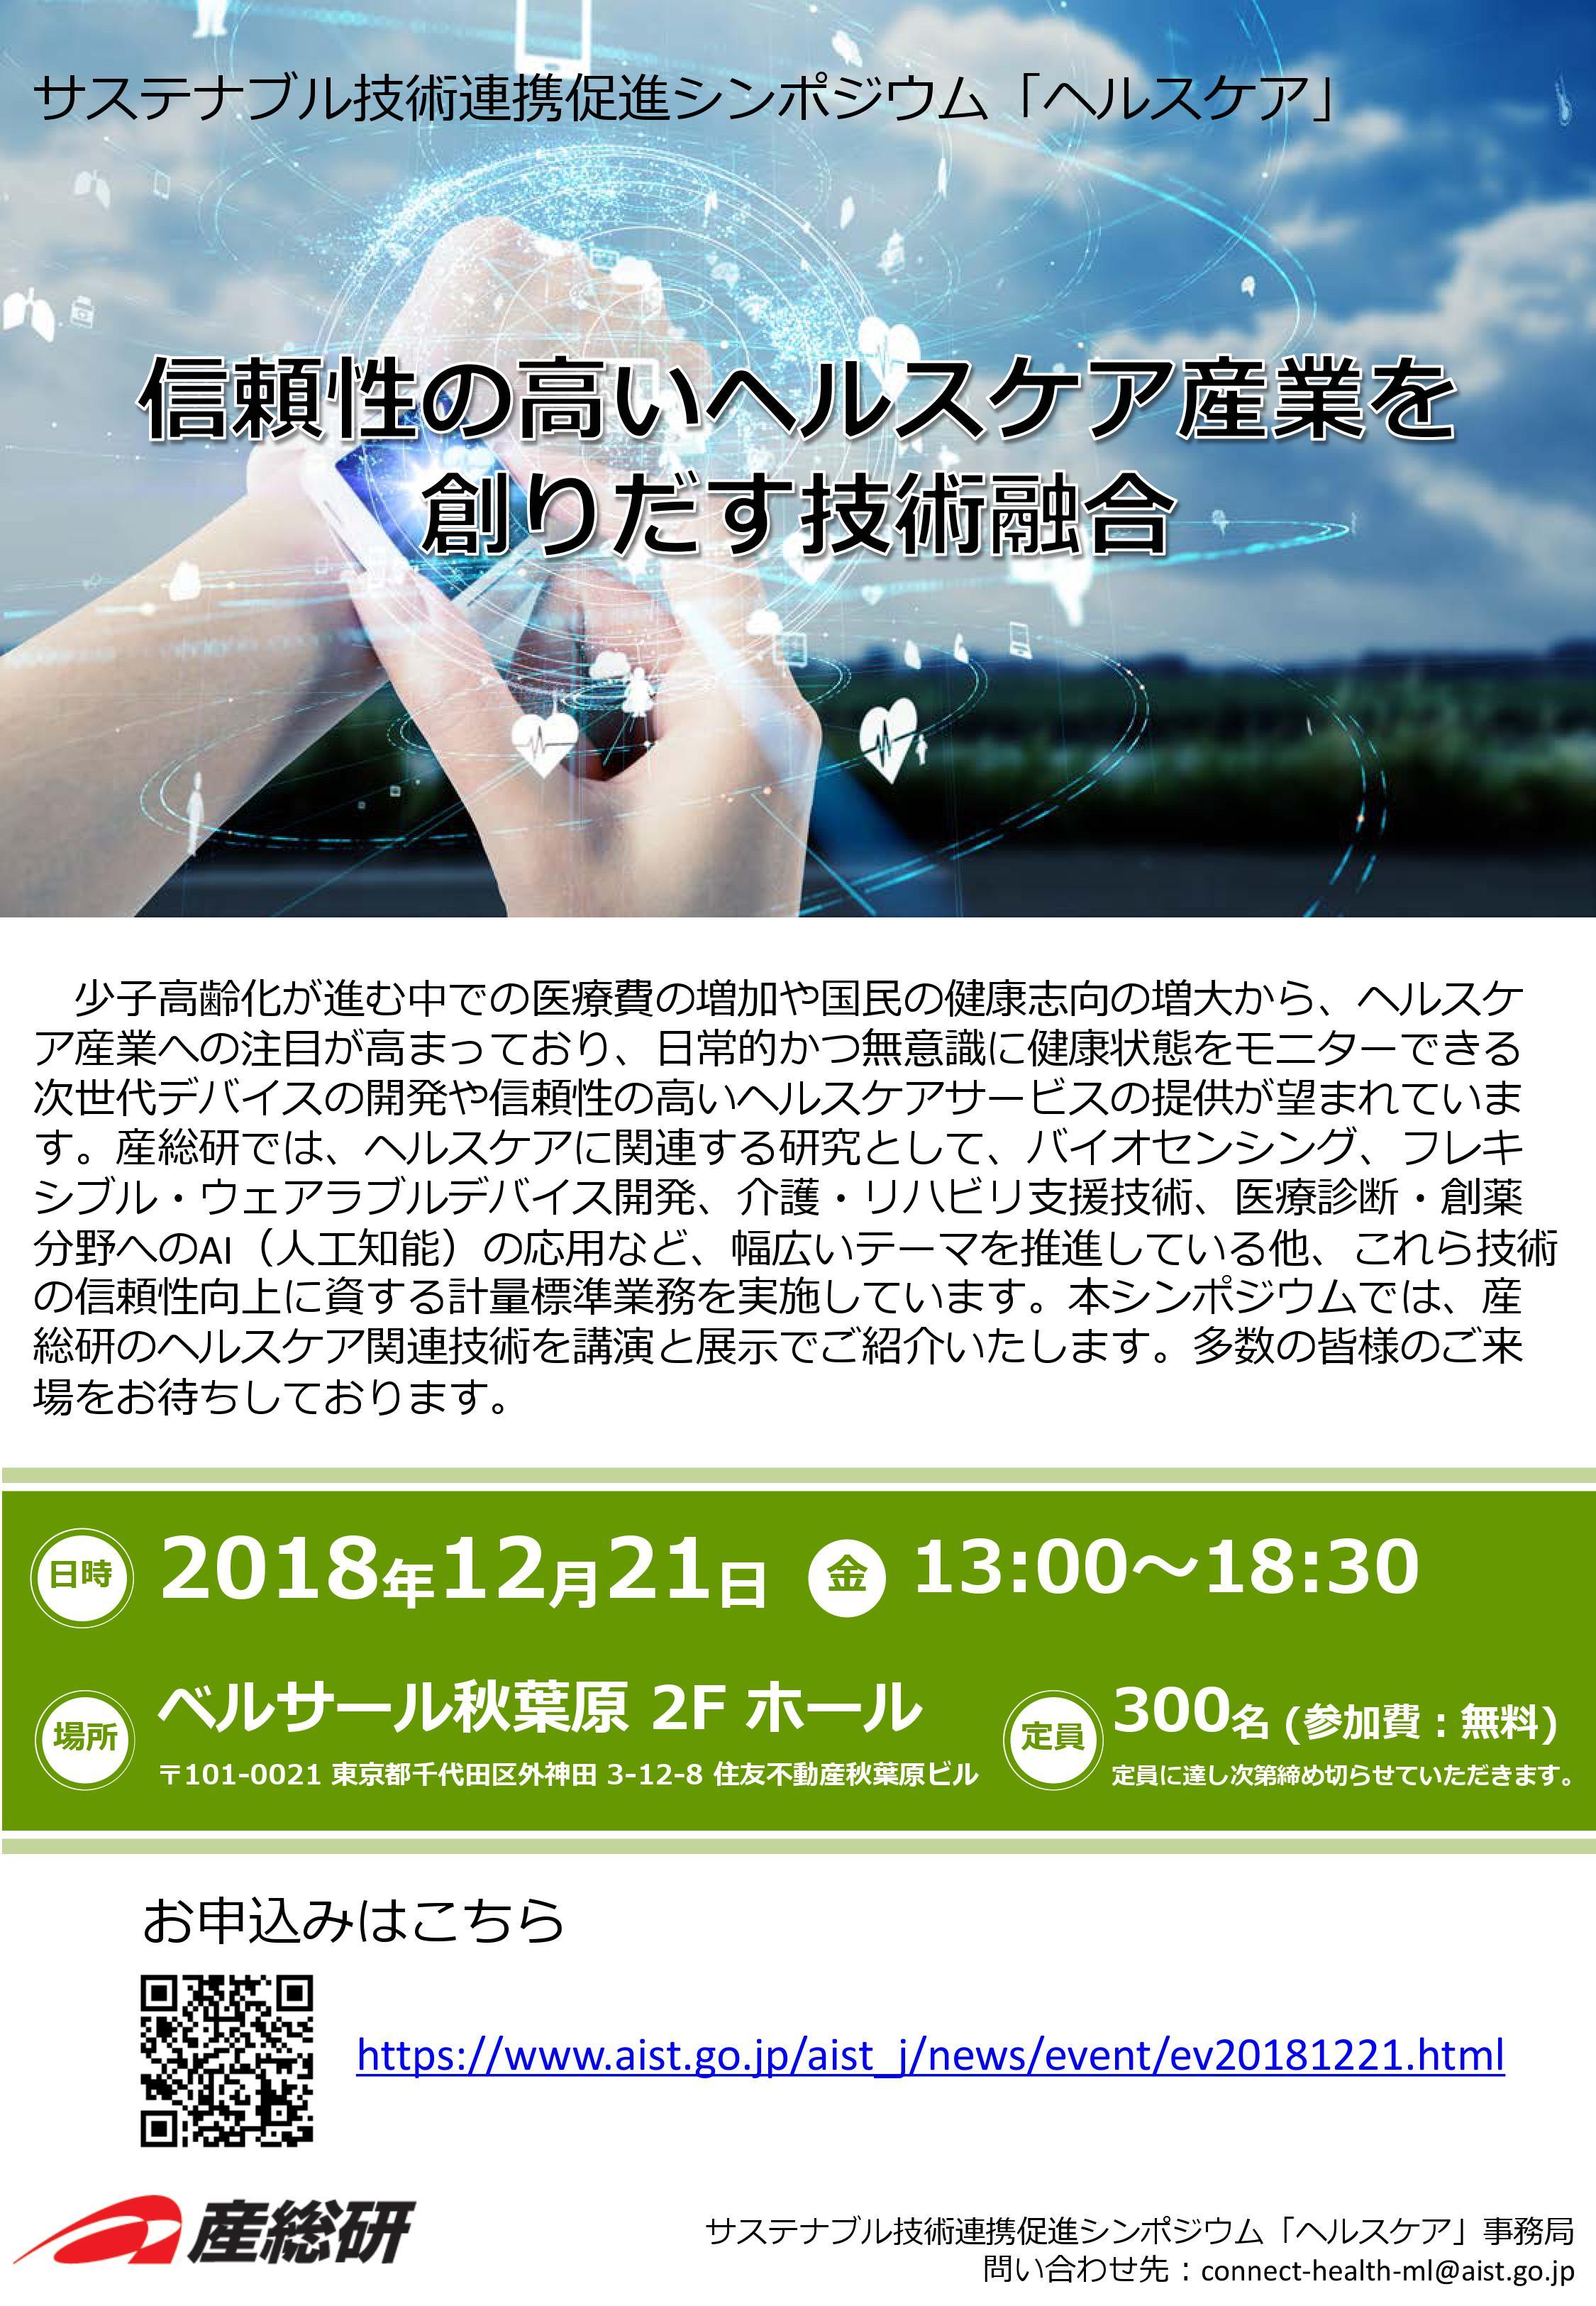 12月17日開催 産総研コネクトシンポジウム「インフラメンテナンス技術」ポスター